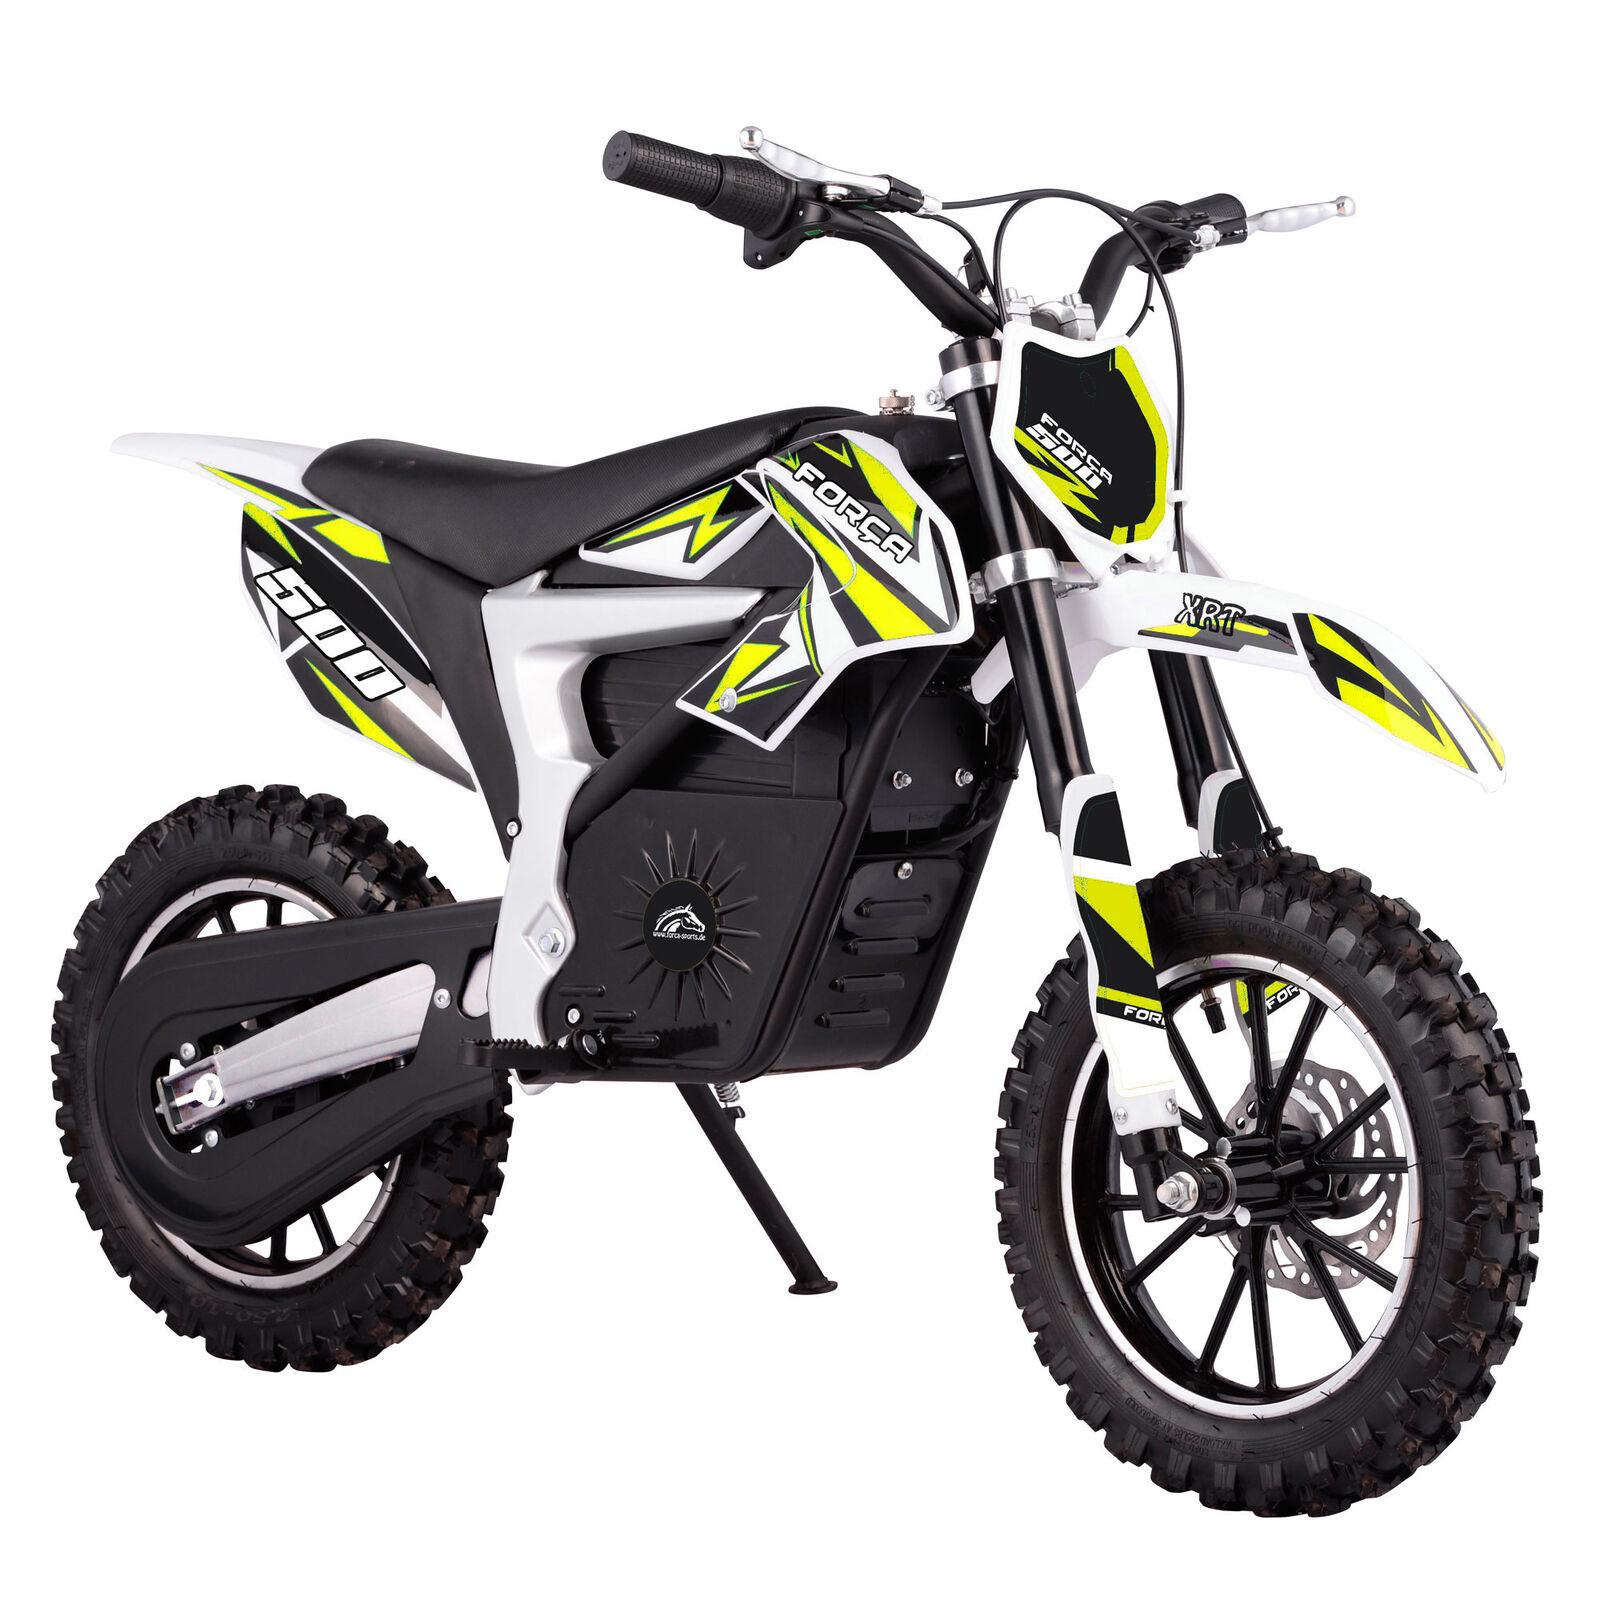 Força Motocross Electrostatique Dirtbike 500W E-Bike (Vélo Électrique) Scooter